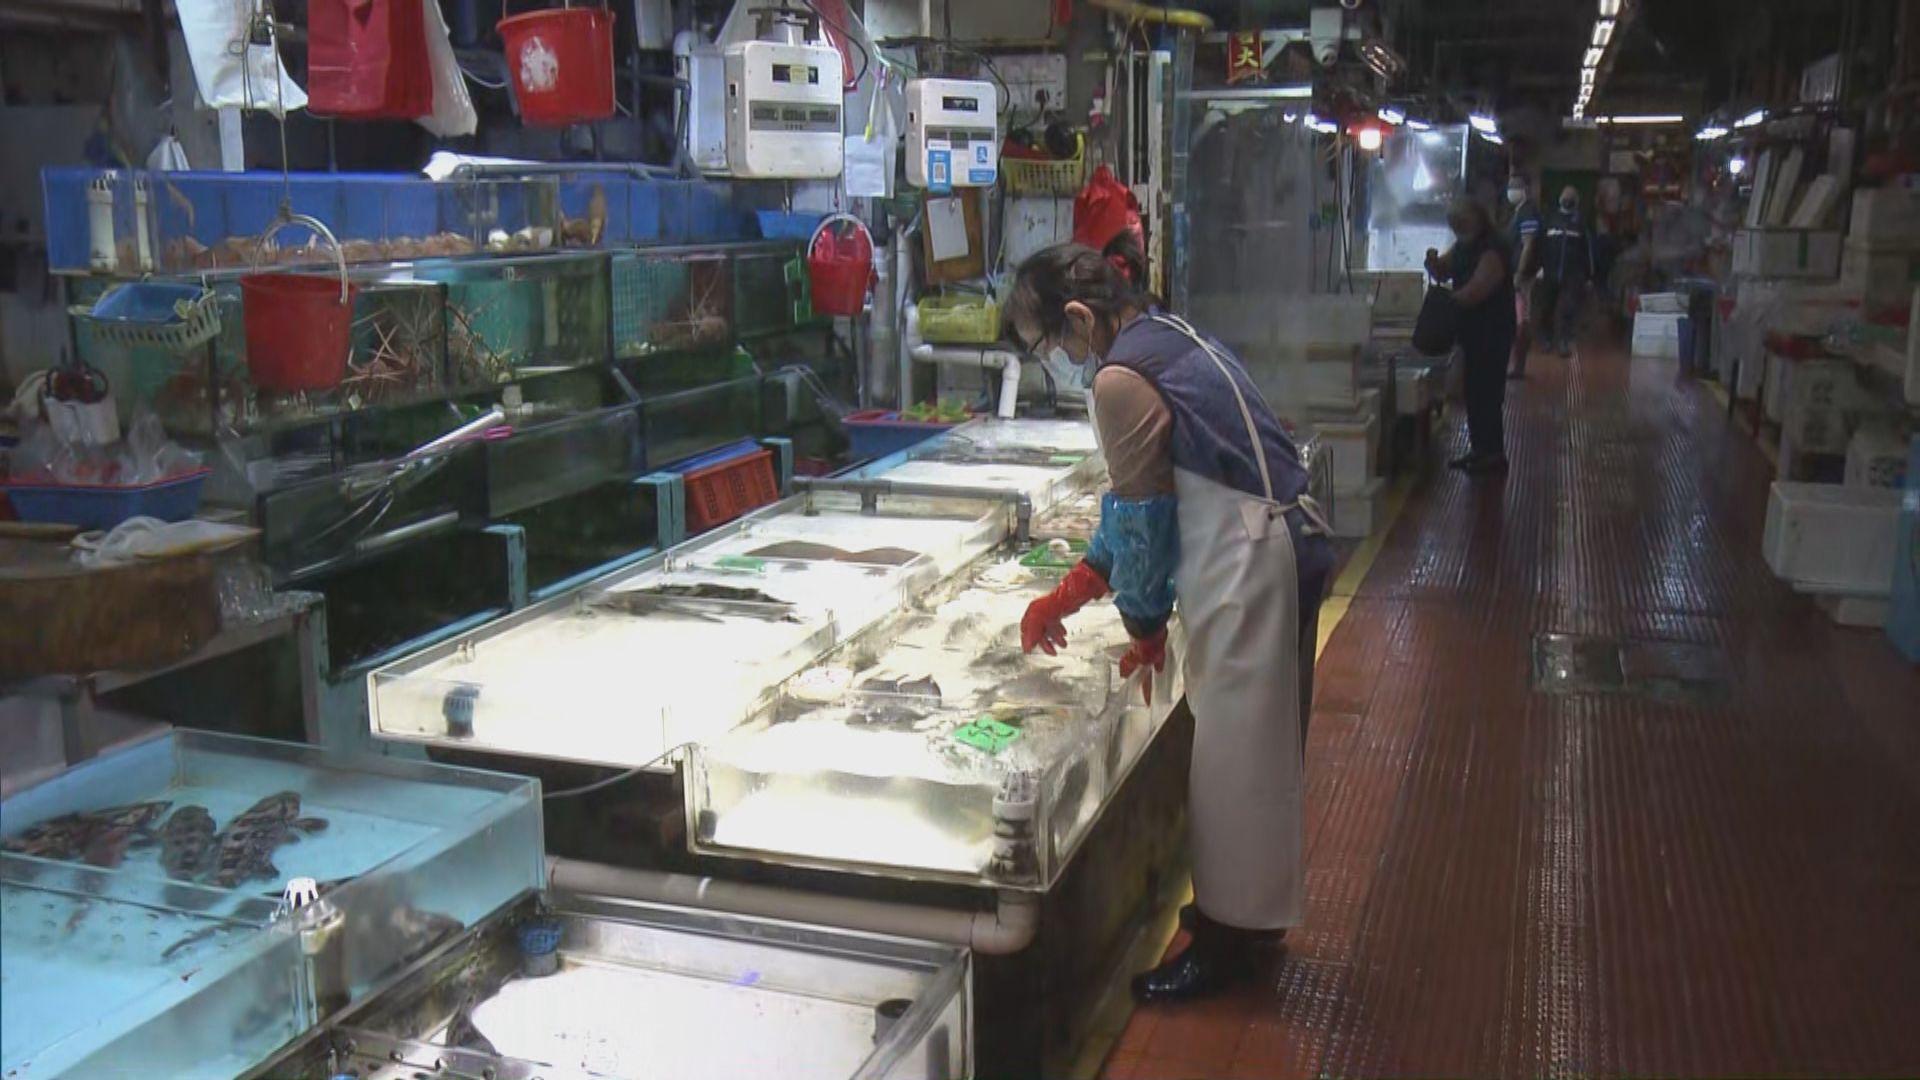 佐敦受限區解封 檔販批通知倉促令食材變壞望政府賠償